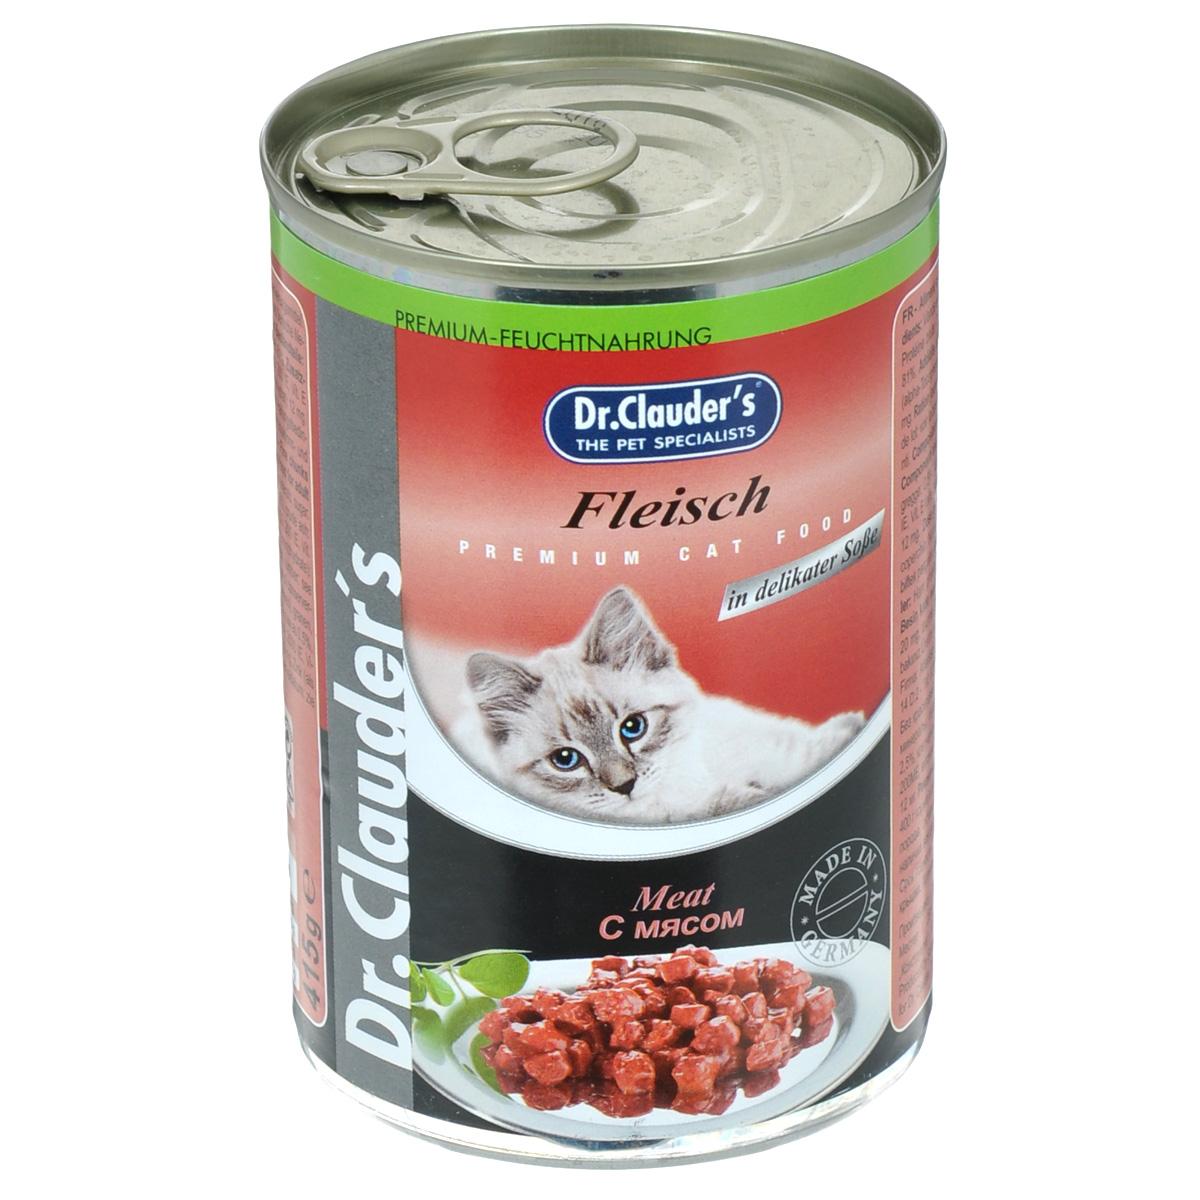 Консервы Dr. Clauders, для взрослых кошек среднего размера, кусочки с мясом, 415 г21142Консервы Dr. Clauders - полноценное сбалансированное питание для взрослых кошек среднего размера. Корм обладает высокой вкусовой привлекательностью и способен удовлетворить потребности любой кошки. Состав: мясо и мясные продукты (минимум 4% мяса), злаки, минералы, сахар. Добавки (в 1 кг): витамин А - 2000 МЕ, витамин D3 - 200 МЕ, витамин Е (альфа-токоферол) - 20 мг, таурин - 350 мг, цинк - 12 мг. Содержание питательных веществ: протеин - 7,5%, жиры - 4,5%, зола - 2,5%, клетчатка пищевая - 0,5%, влажность - 81%. Товар сертифицирован.